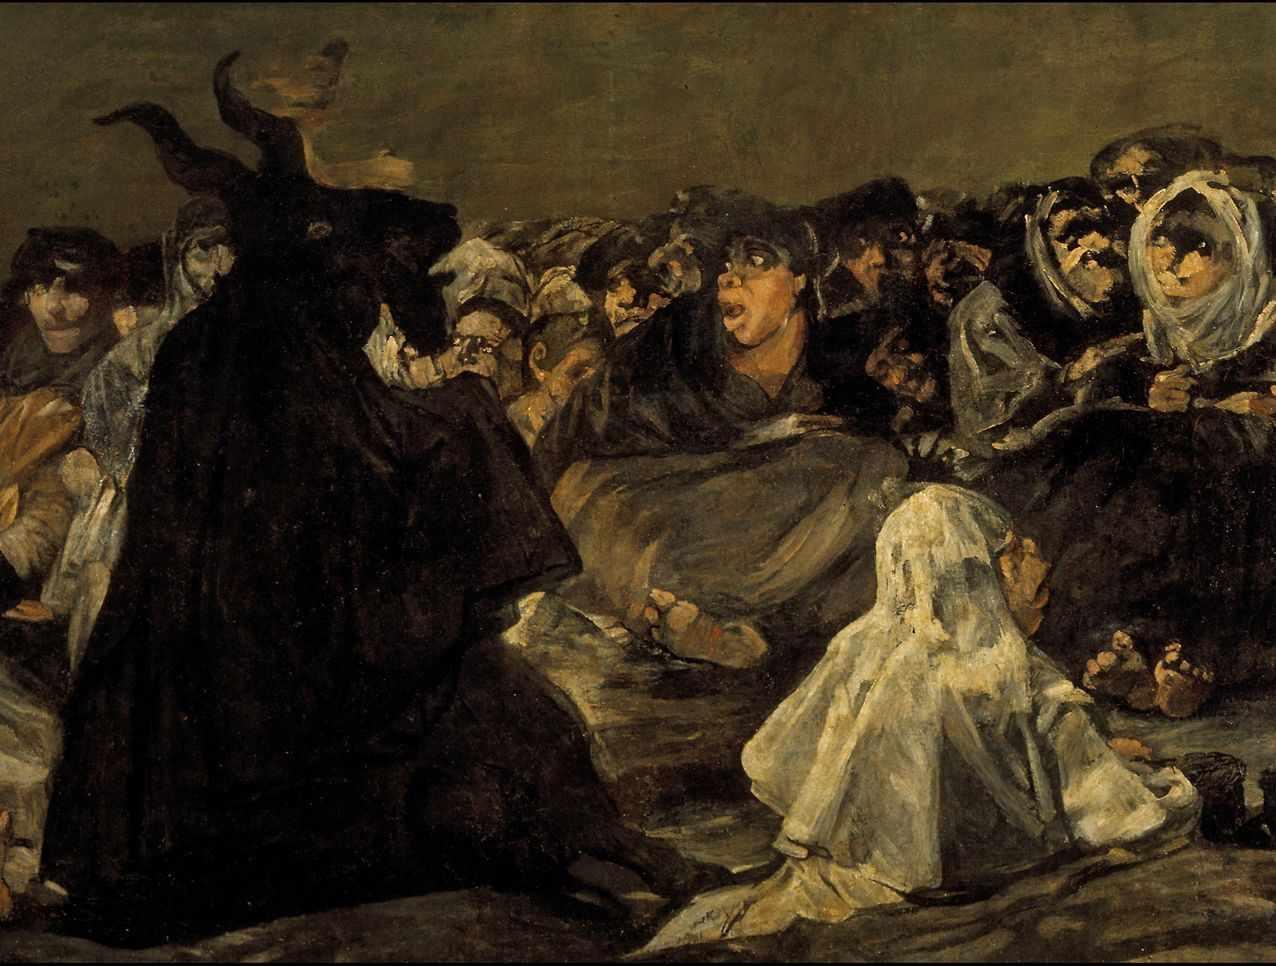 sabat-das-bruxas-francisco-goya-1746-1828-museu-del-prado-madri-1280